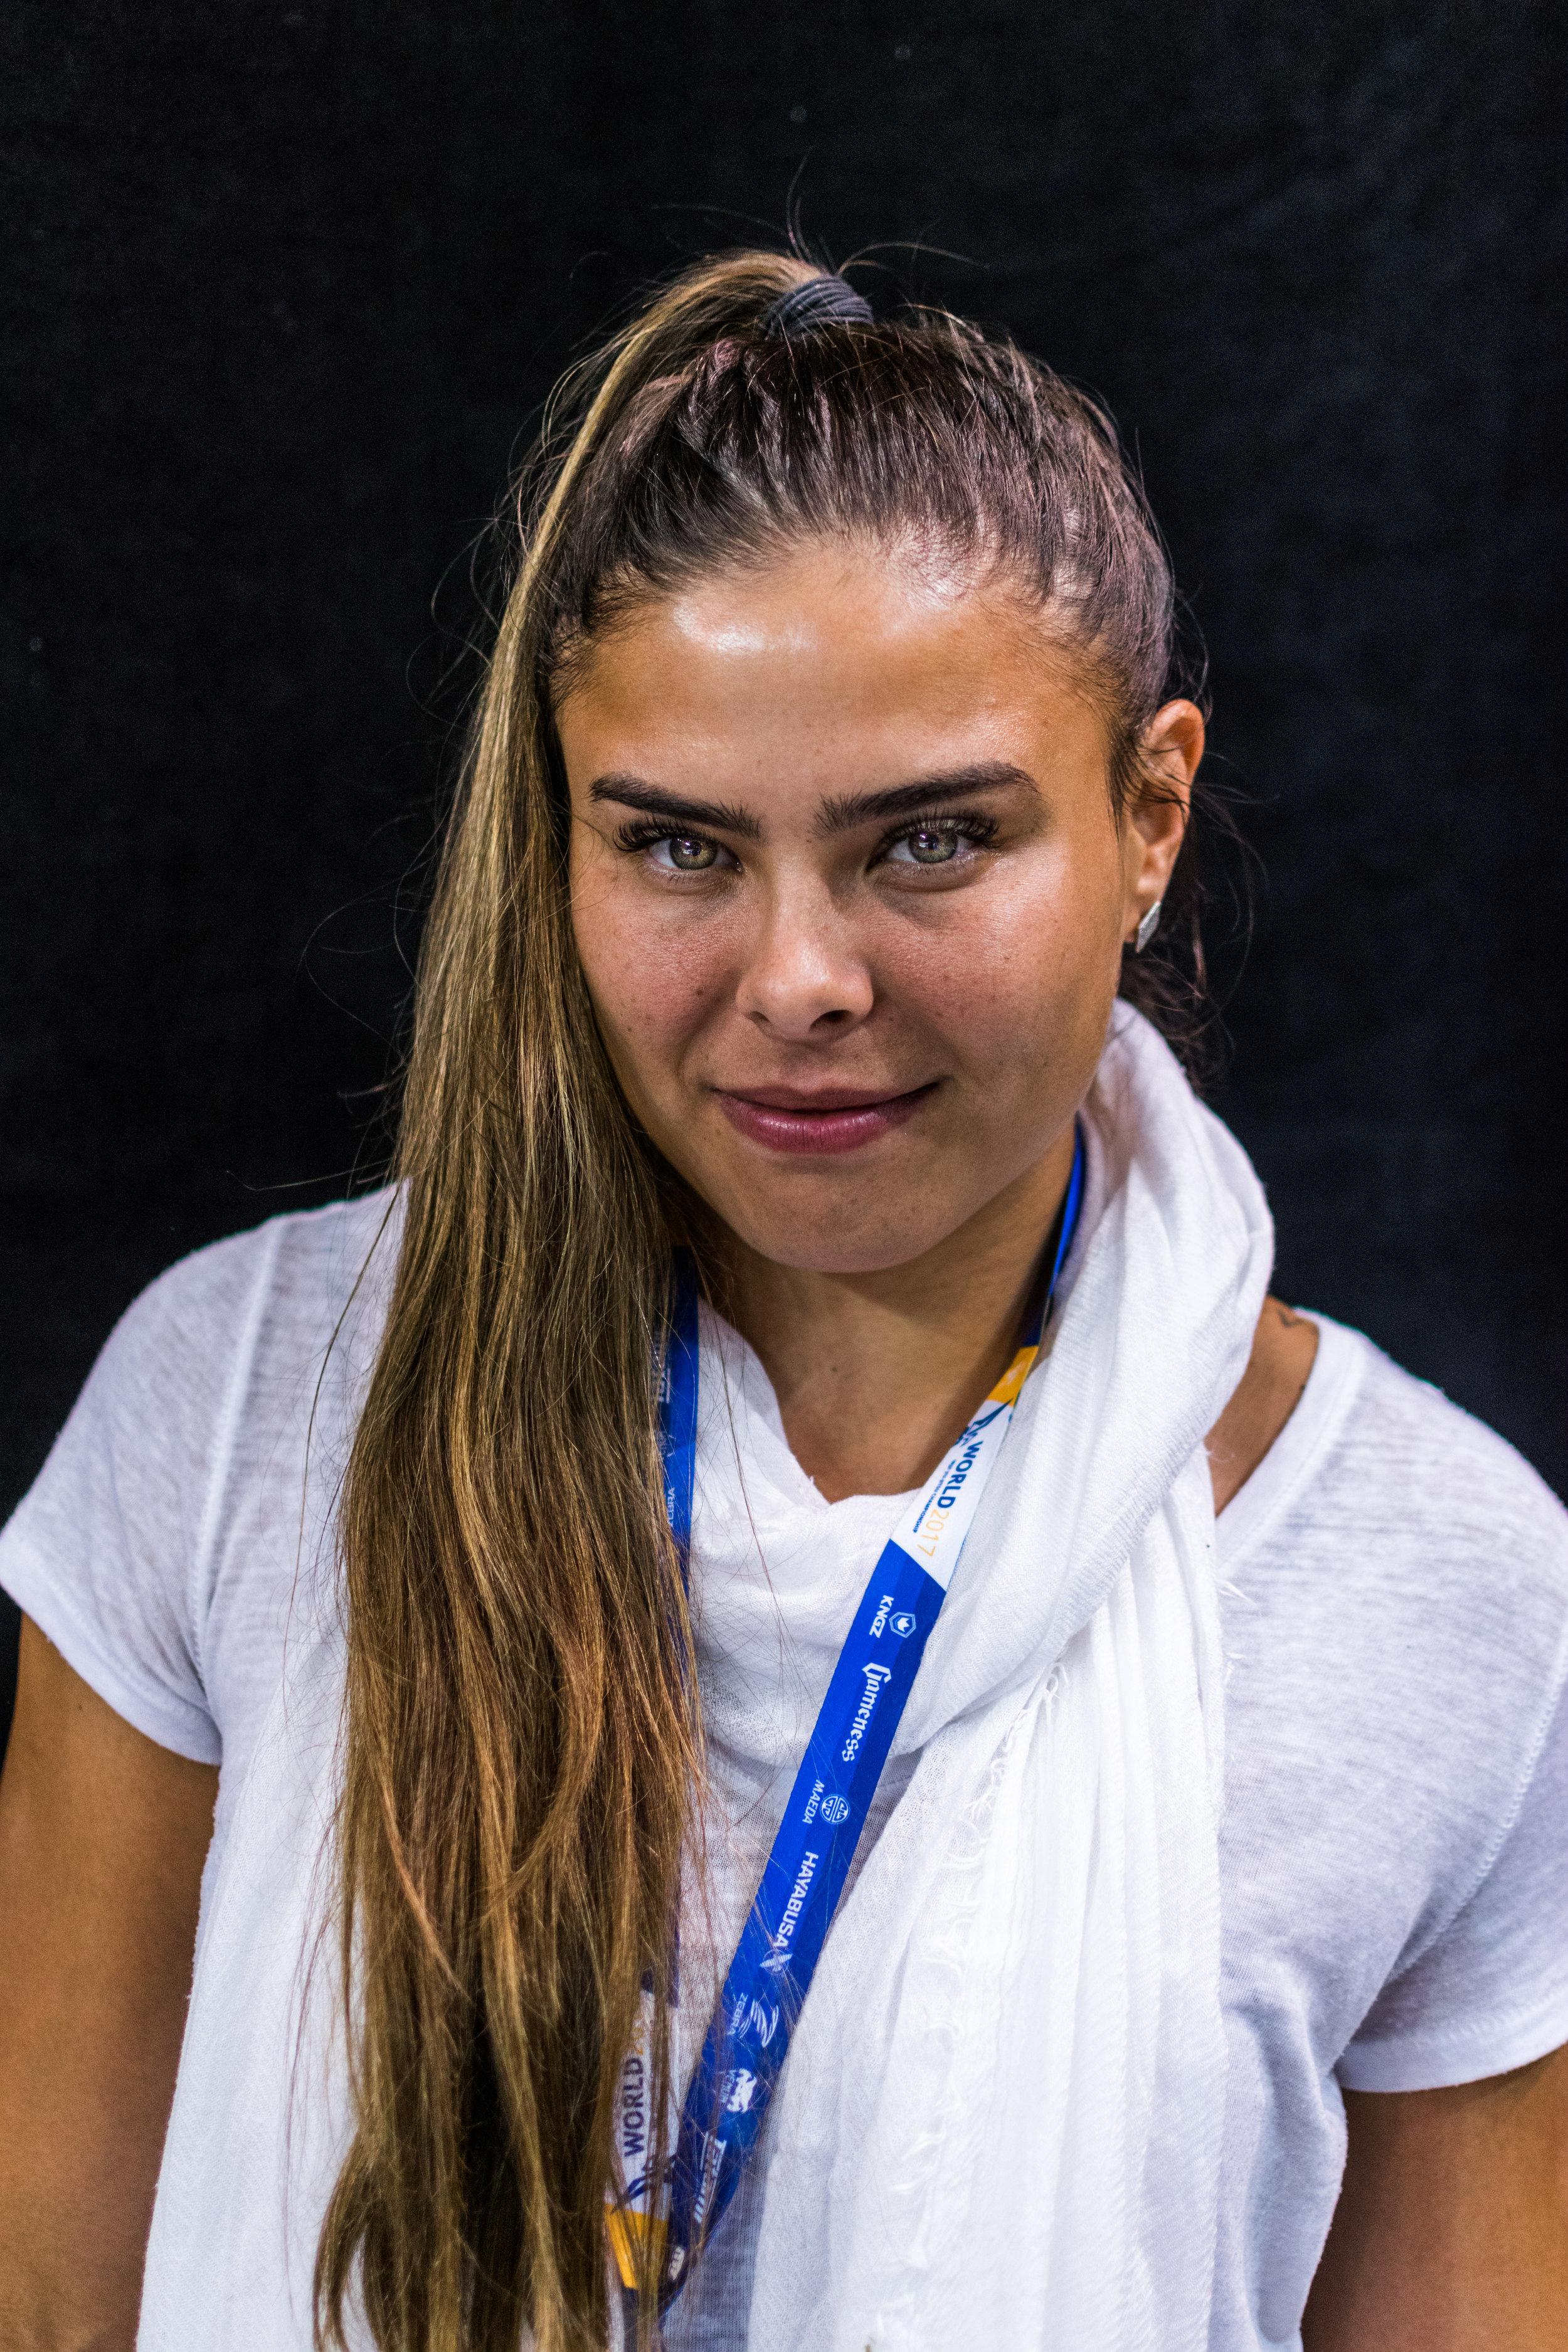 Monique Elias